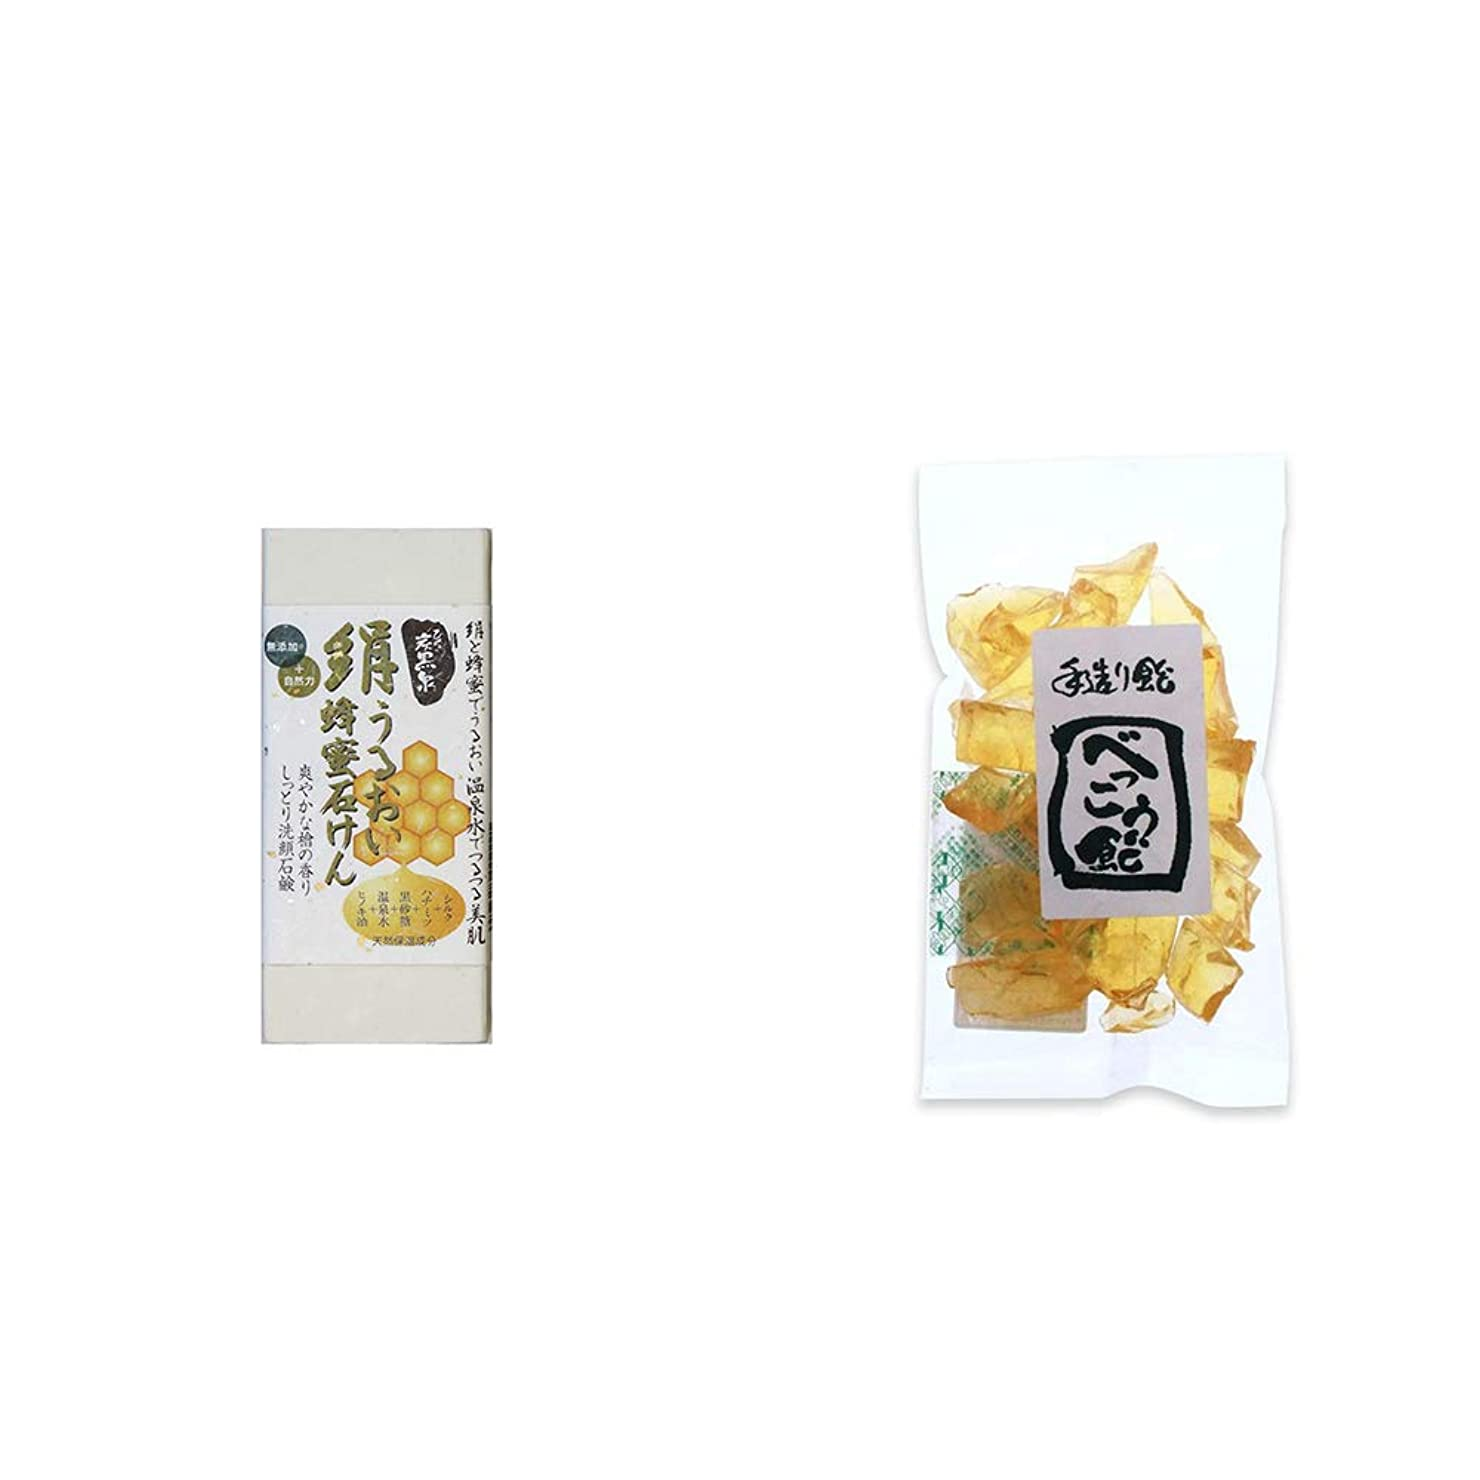 ステージ肺炎焦がす[2点セット] ひのき炭黒泉 絹うるおい蜂蜜石けん(75g×2)?べっこう飴(160g)